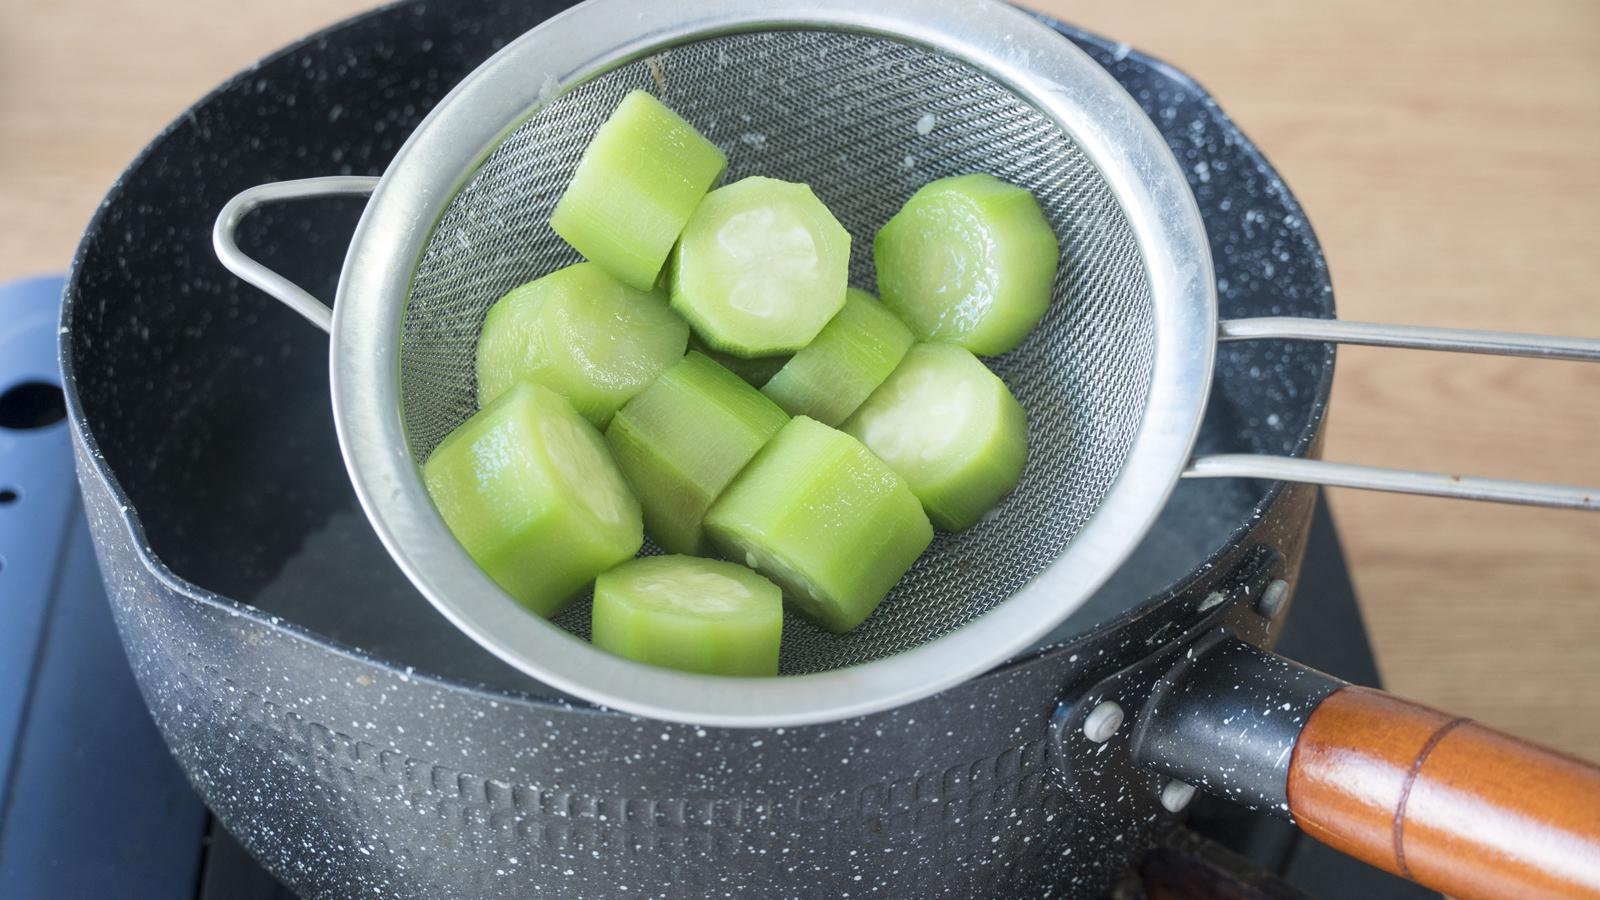 5道懒人快手菜,开胃好吃,拌一拌就上桌,夏天这样做简单省事 美食做法 第29张